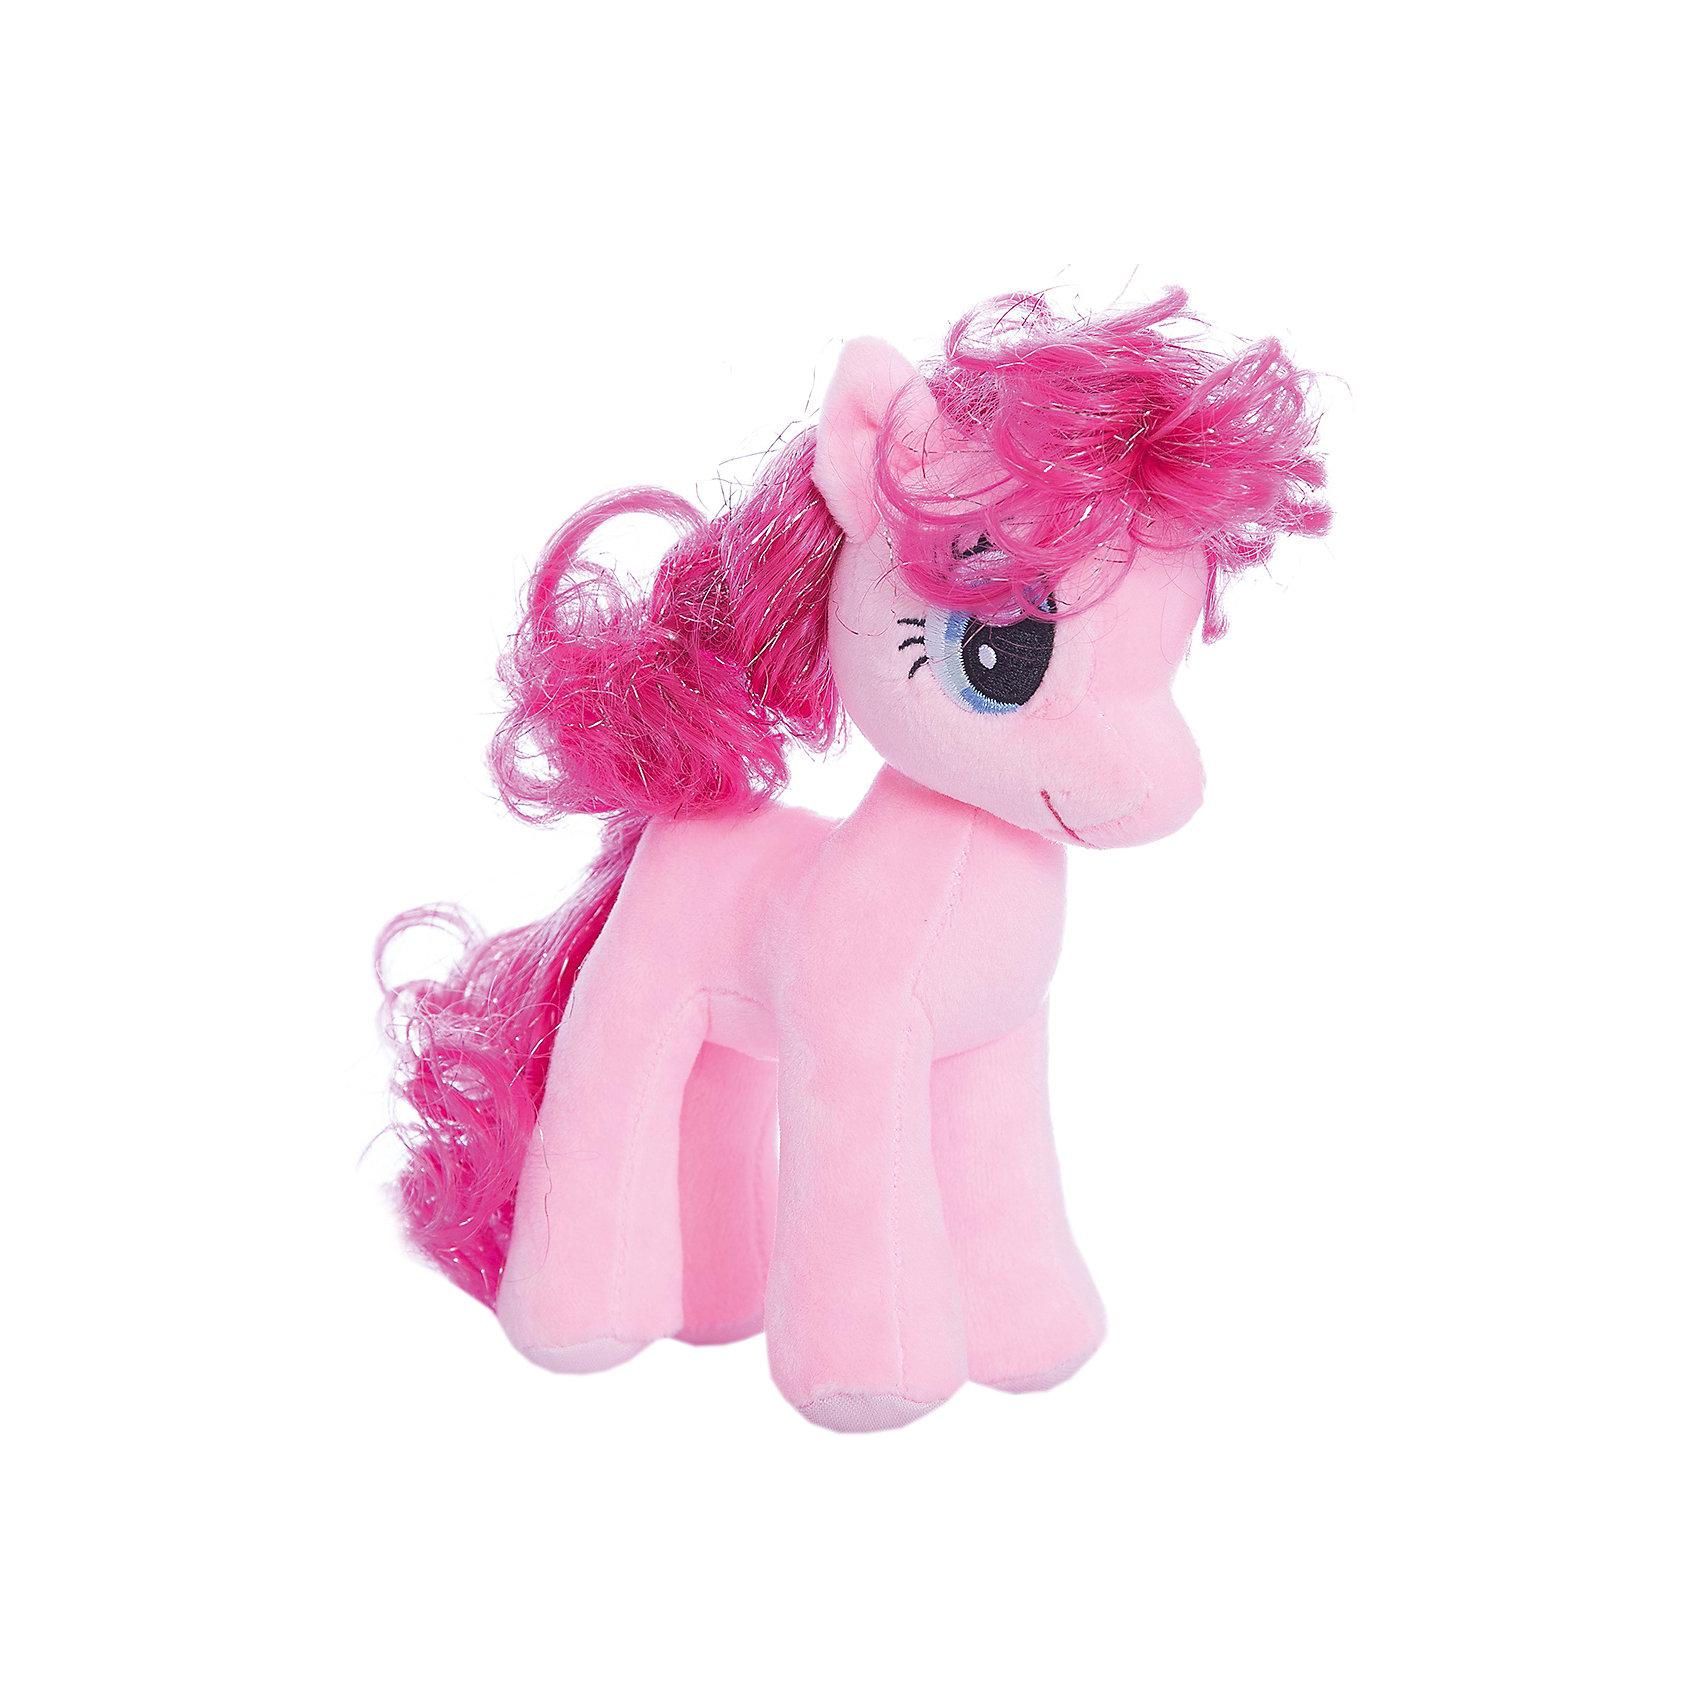 Пони Пинки Пай, 20 см, My Little Pony, TyМаленькие девочки очень любят животных. Особенно любят лошадей. Для маленькой девочки нужна и маленькая лошадка. Такой лошадкой является пони. Вашей дочке обязательно понравится красивая малышка: Pony Pinkie Pie (Пони Пинки Пай), которая станет новой любимицей ребенка. Чудесная милая Пони имеет яркую красивую окраску и шелковистую гриву. Большие выразительные глаза пони смотрят с такой трогательной добротой, что так и хочется взять игрушку  на руки и заботиться об этой малютке. <br><br>Дополнительная информация:<br><br>- Игрушка развивает: тактильные навыки, зрительную координацию, мелкую моторику рук;<br>- Идеальный подарок для любителей серии: My Little Pony (Моя Маленькая Пони);<br>- Материалы не вызовут аллергии у Вашего малыша;<br>- Приятная на ощупь;<br>- Яркие и стойкие цвета приятны для глаз;<br>- Материал: плюш;<br>- Высота игрушки: 20 см;<br>- Вес: 88 г<br><br>Pony Pinkie Pie (Пони Пинки Пай), 20 см, My Little Pony, Ty можно купить в нашем интернет-магазине.<br><br>Ширина мм: 203<br>Глубина мм: 203<br>Высота мм: 203<br>Вес г: 88<br>Возраст от месяцев: 36<br>Возраст до месяцев: 120<br>Пол: Унисекс<br>Возраст: Детский<br>SKU: 3676490